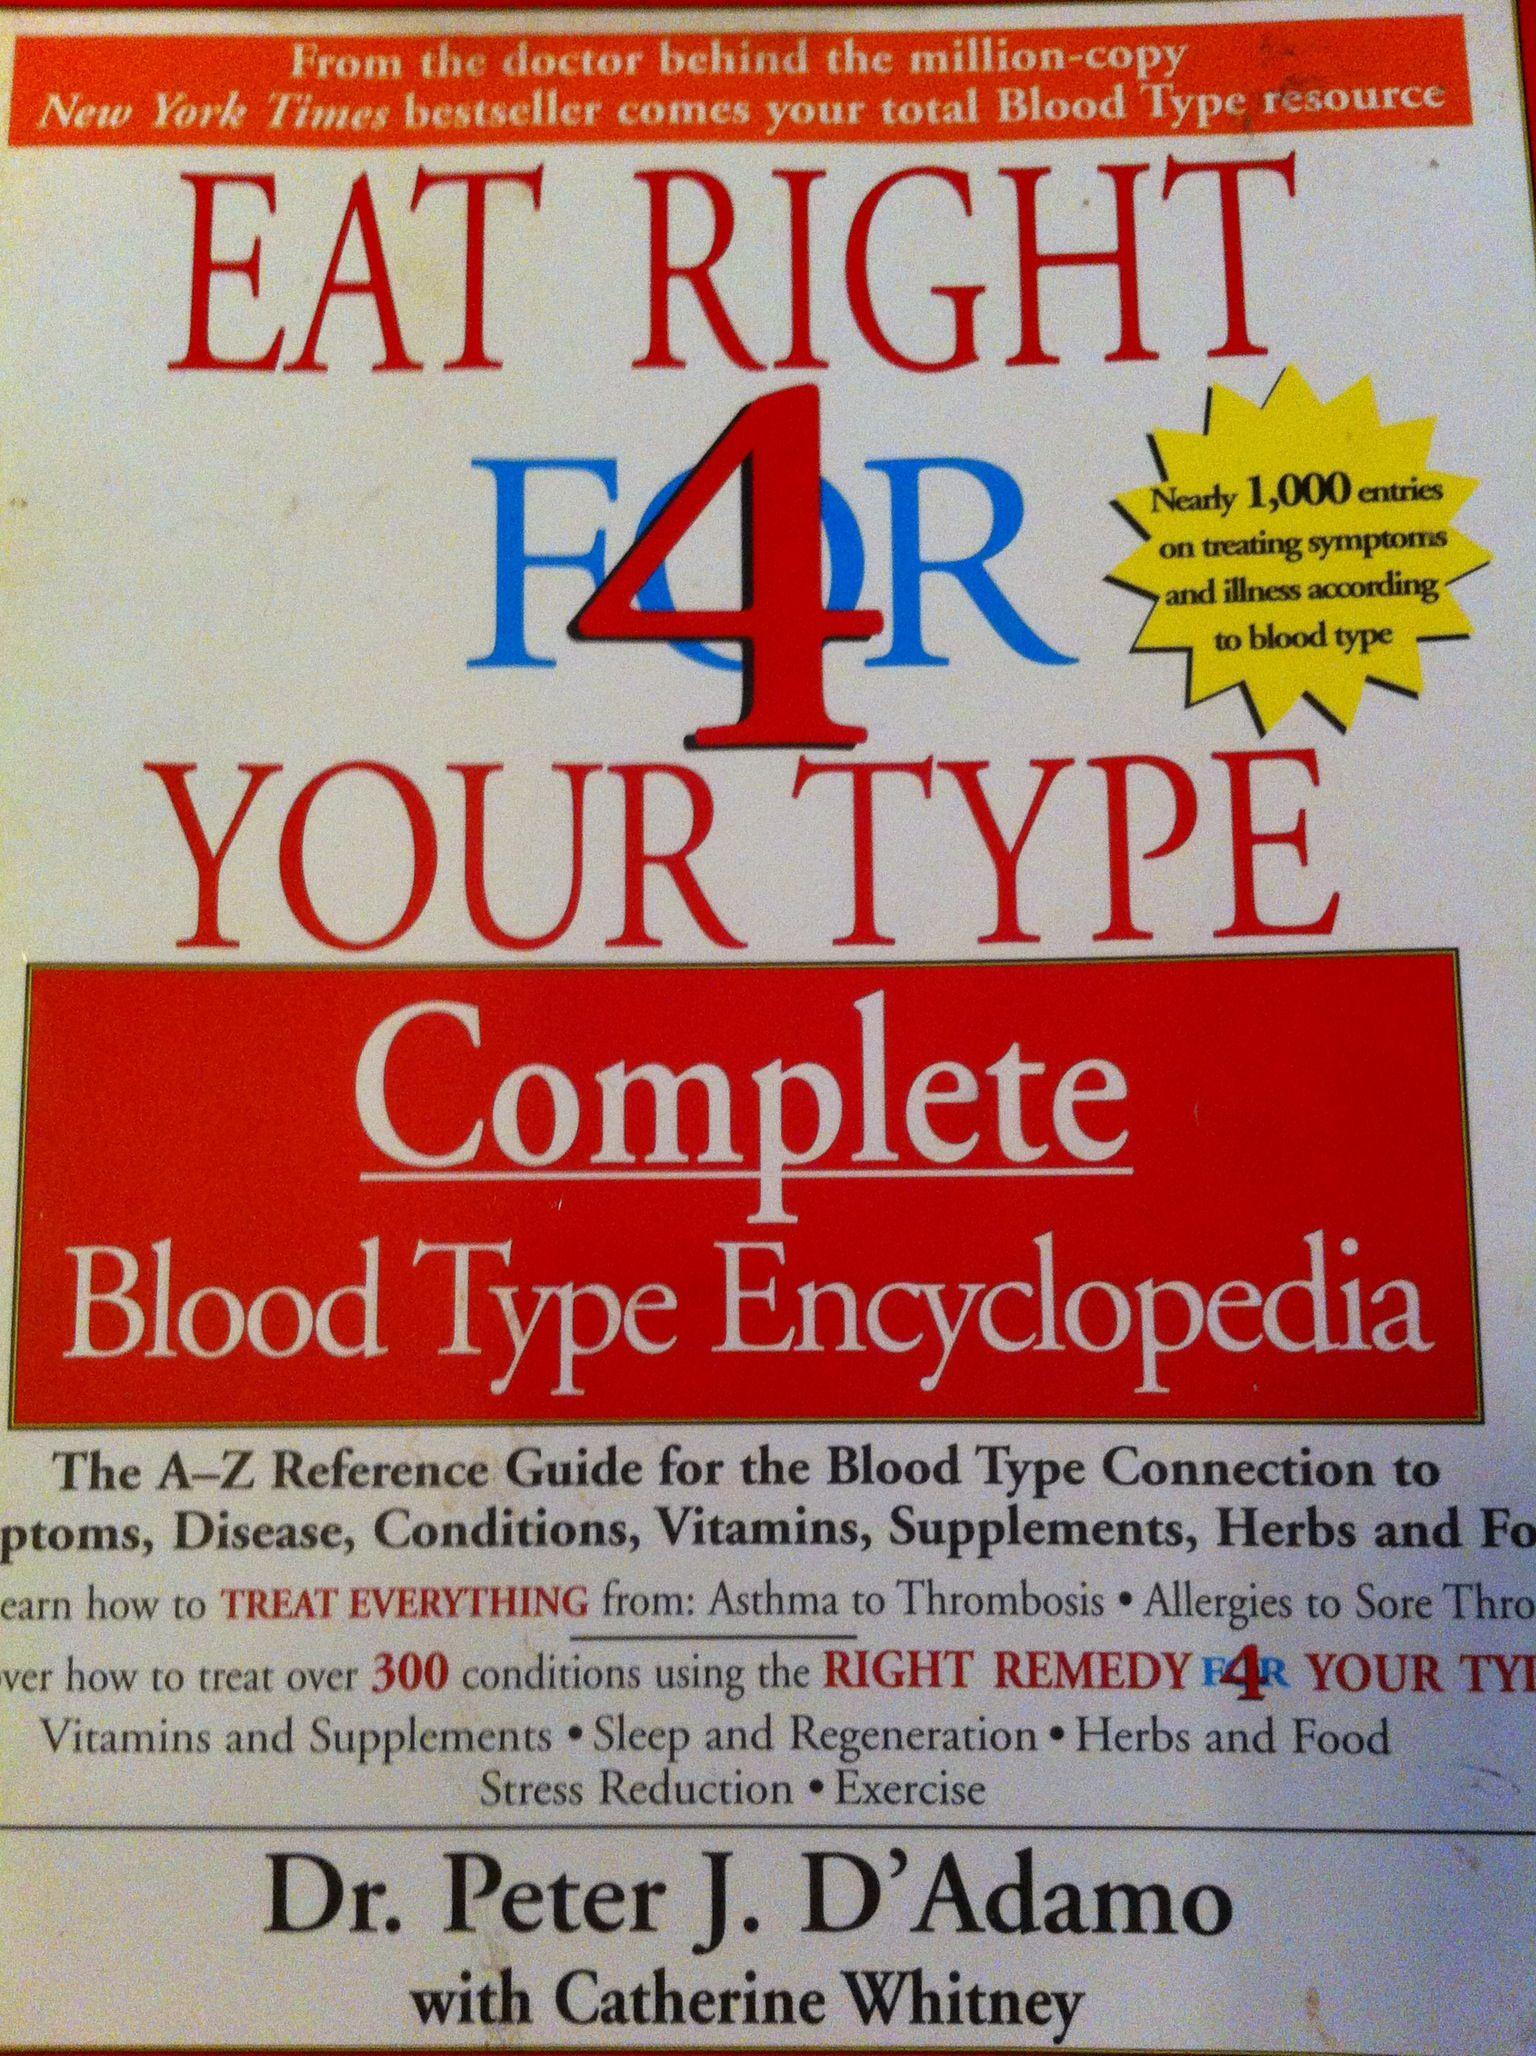 Good book to read helps in understanding blood types and diet good book to read helps in understanding blood types and diet fandeluxe Images